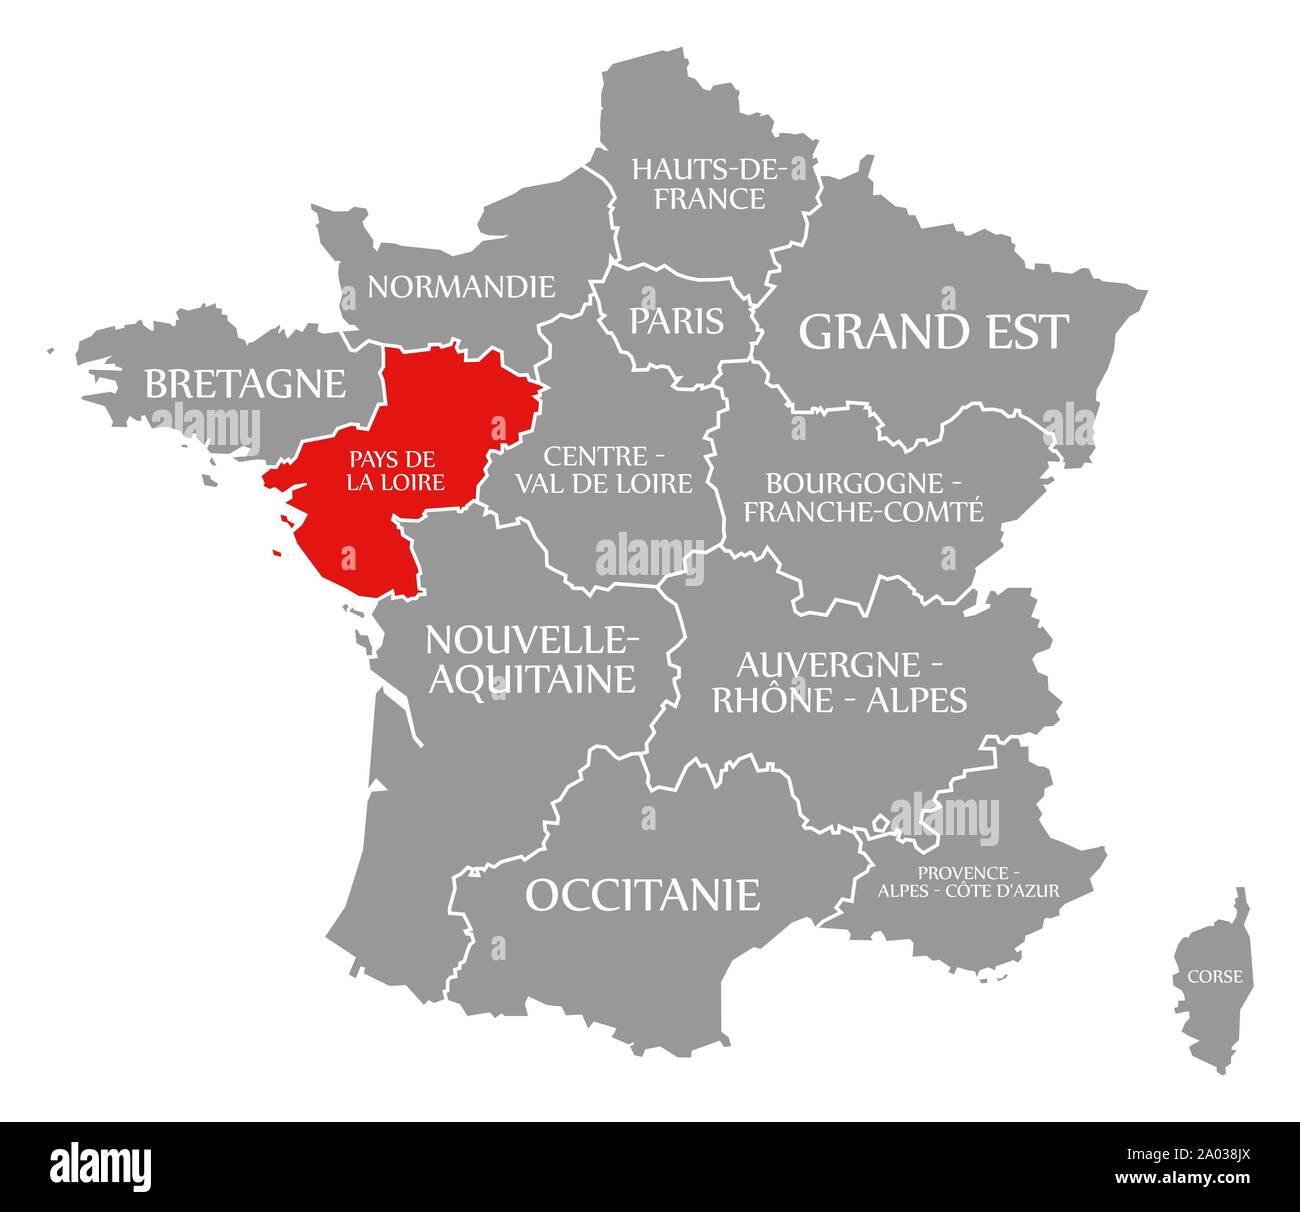 Cartina Geografica Della Loira Francia.Paesi Della Loira Immagini E Fotos Stock Alamy